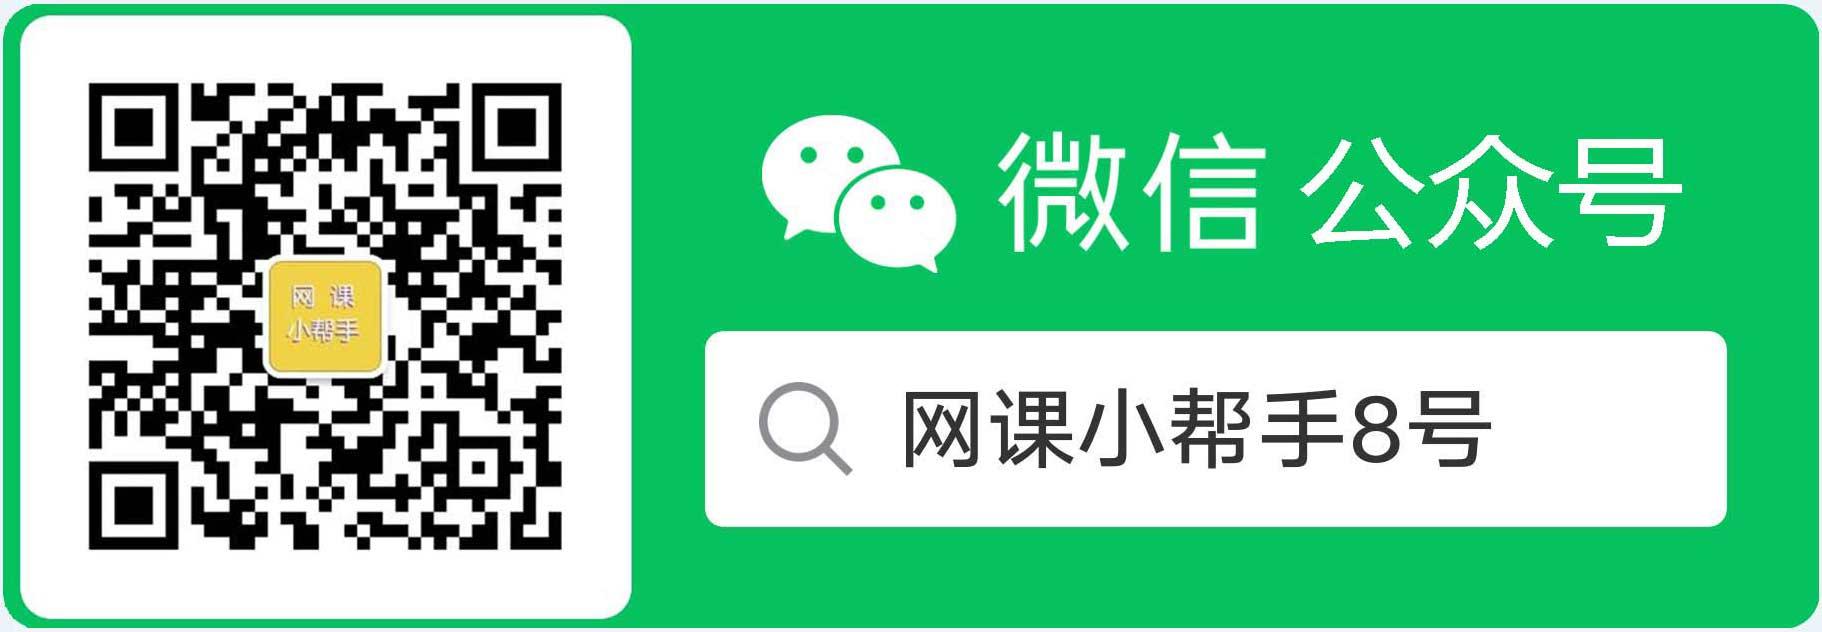 微信公众号【网课小帮手8号】